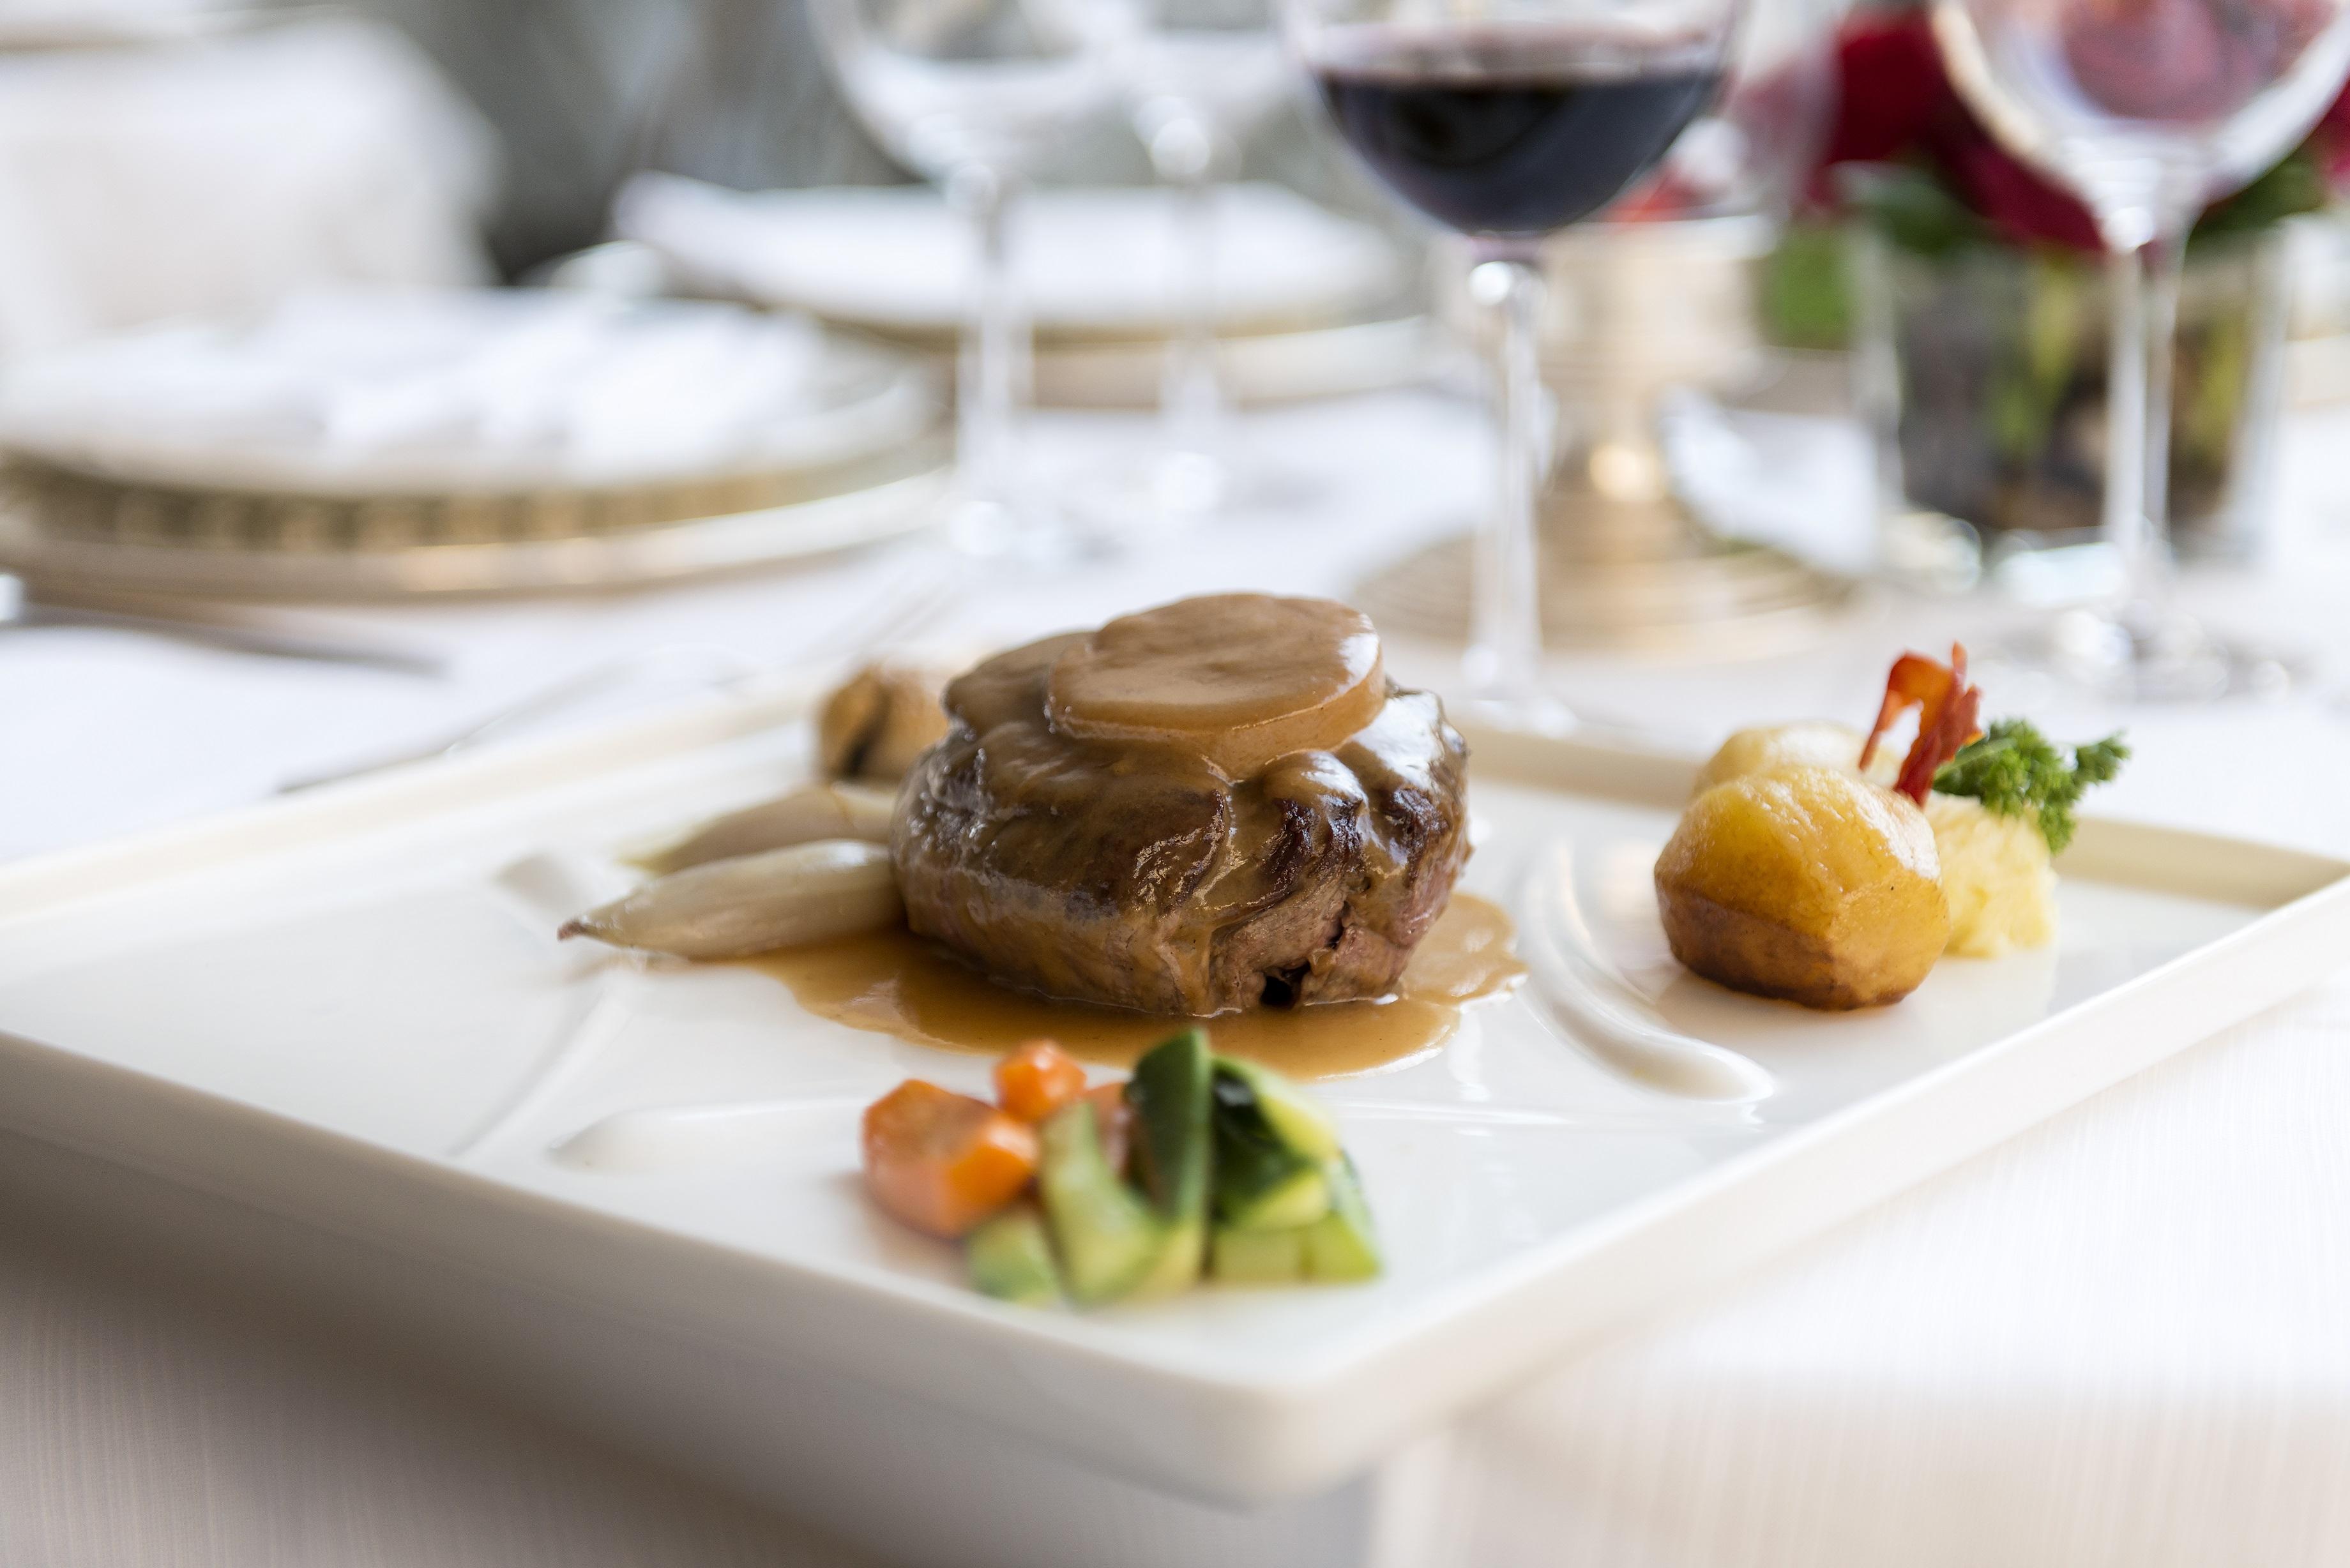 Tournedos di manzo con scalogno glassato, foie gras e purè di castagne